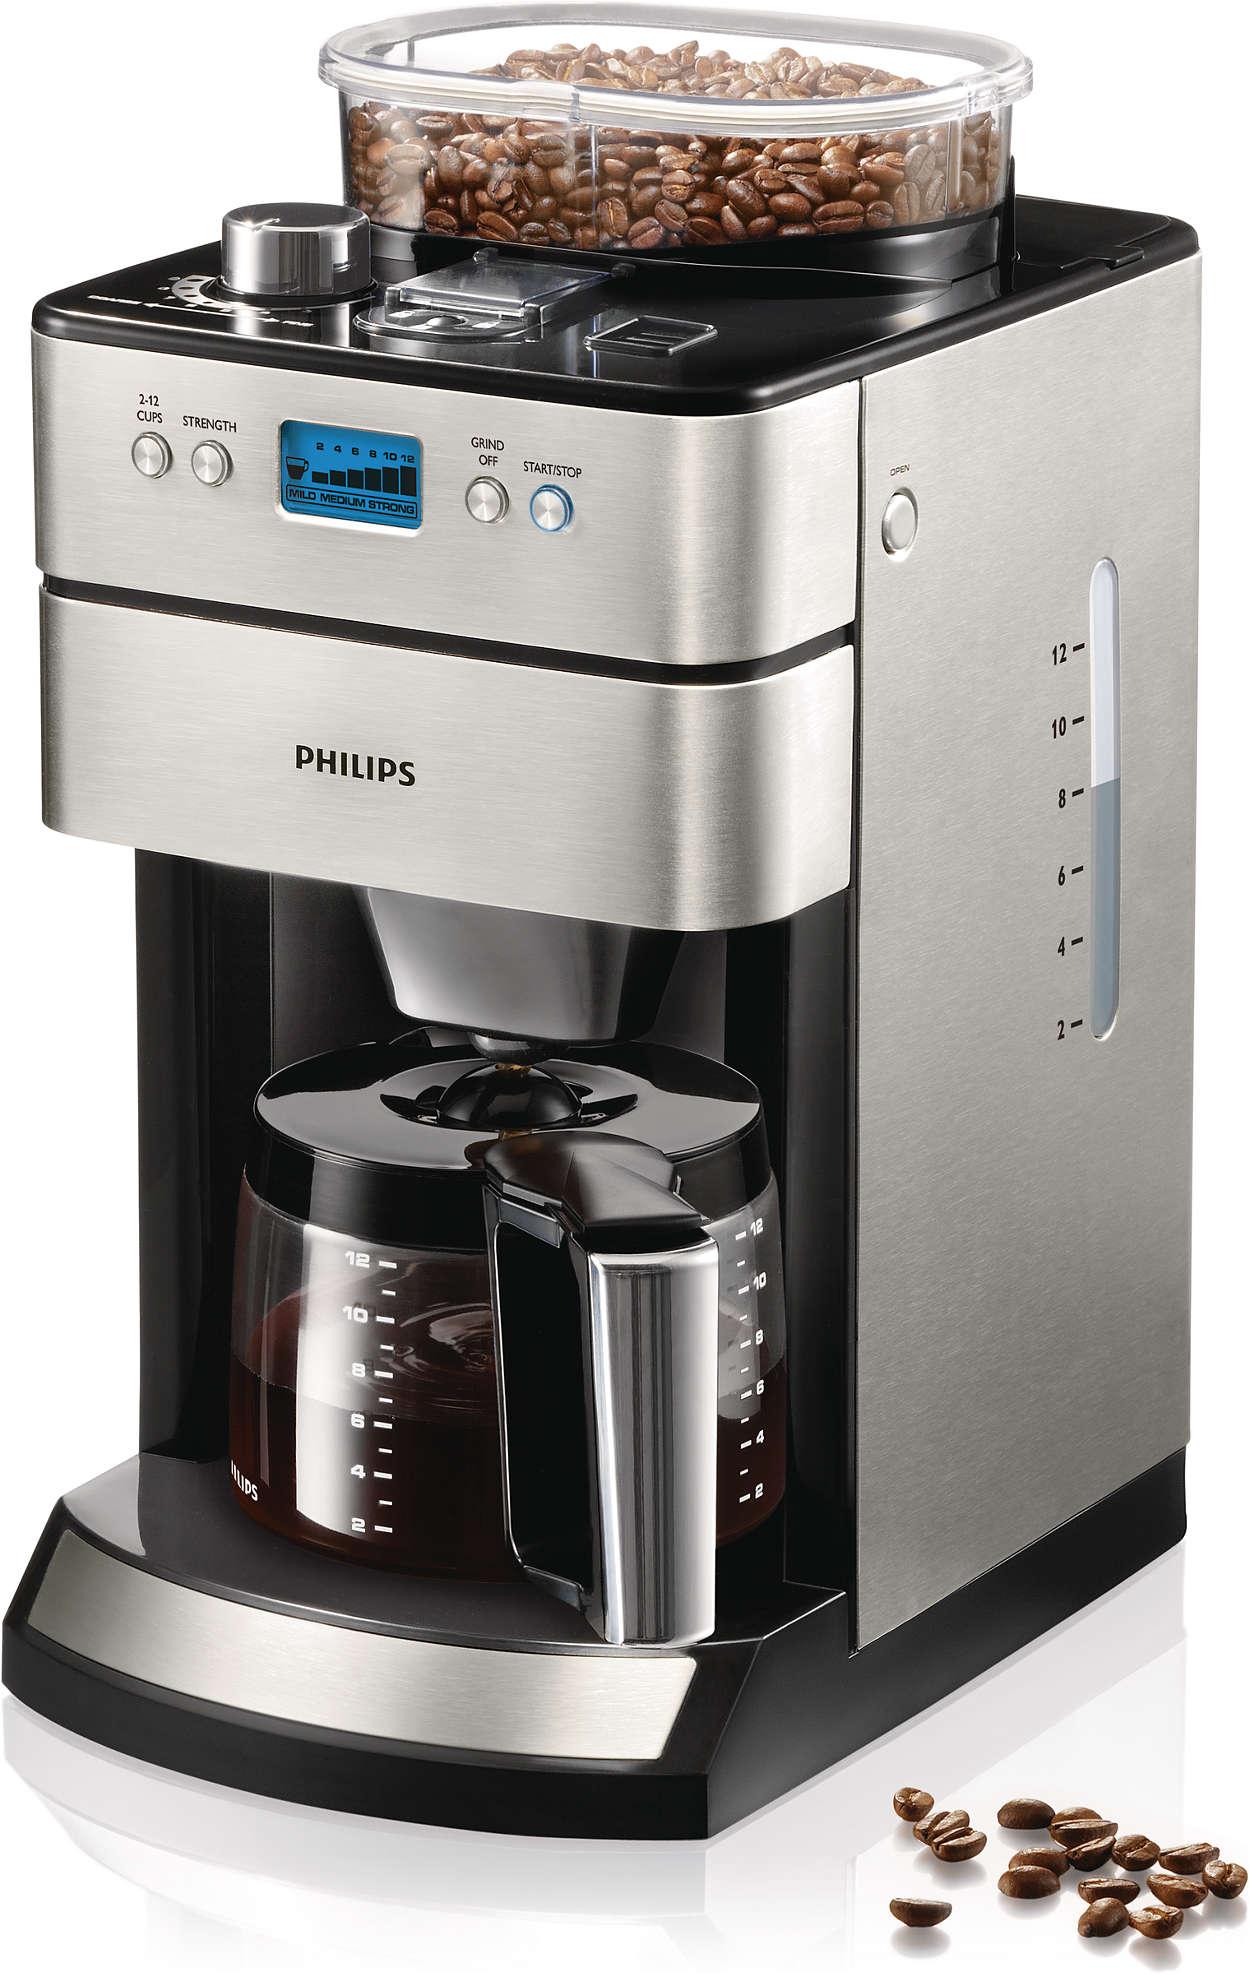 Mükemmel bir kahve için taze çekilmiş kahve çekirdeği gerekir.